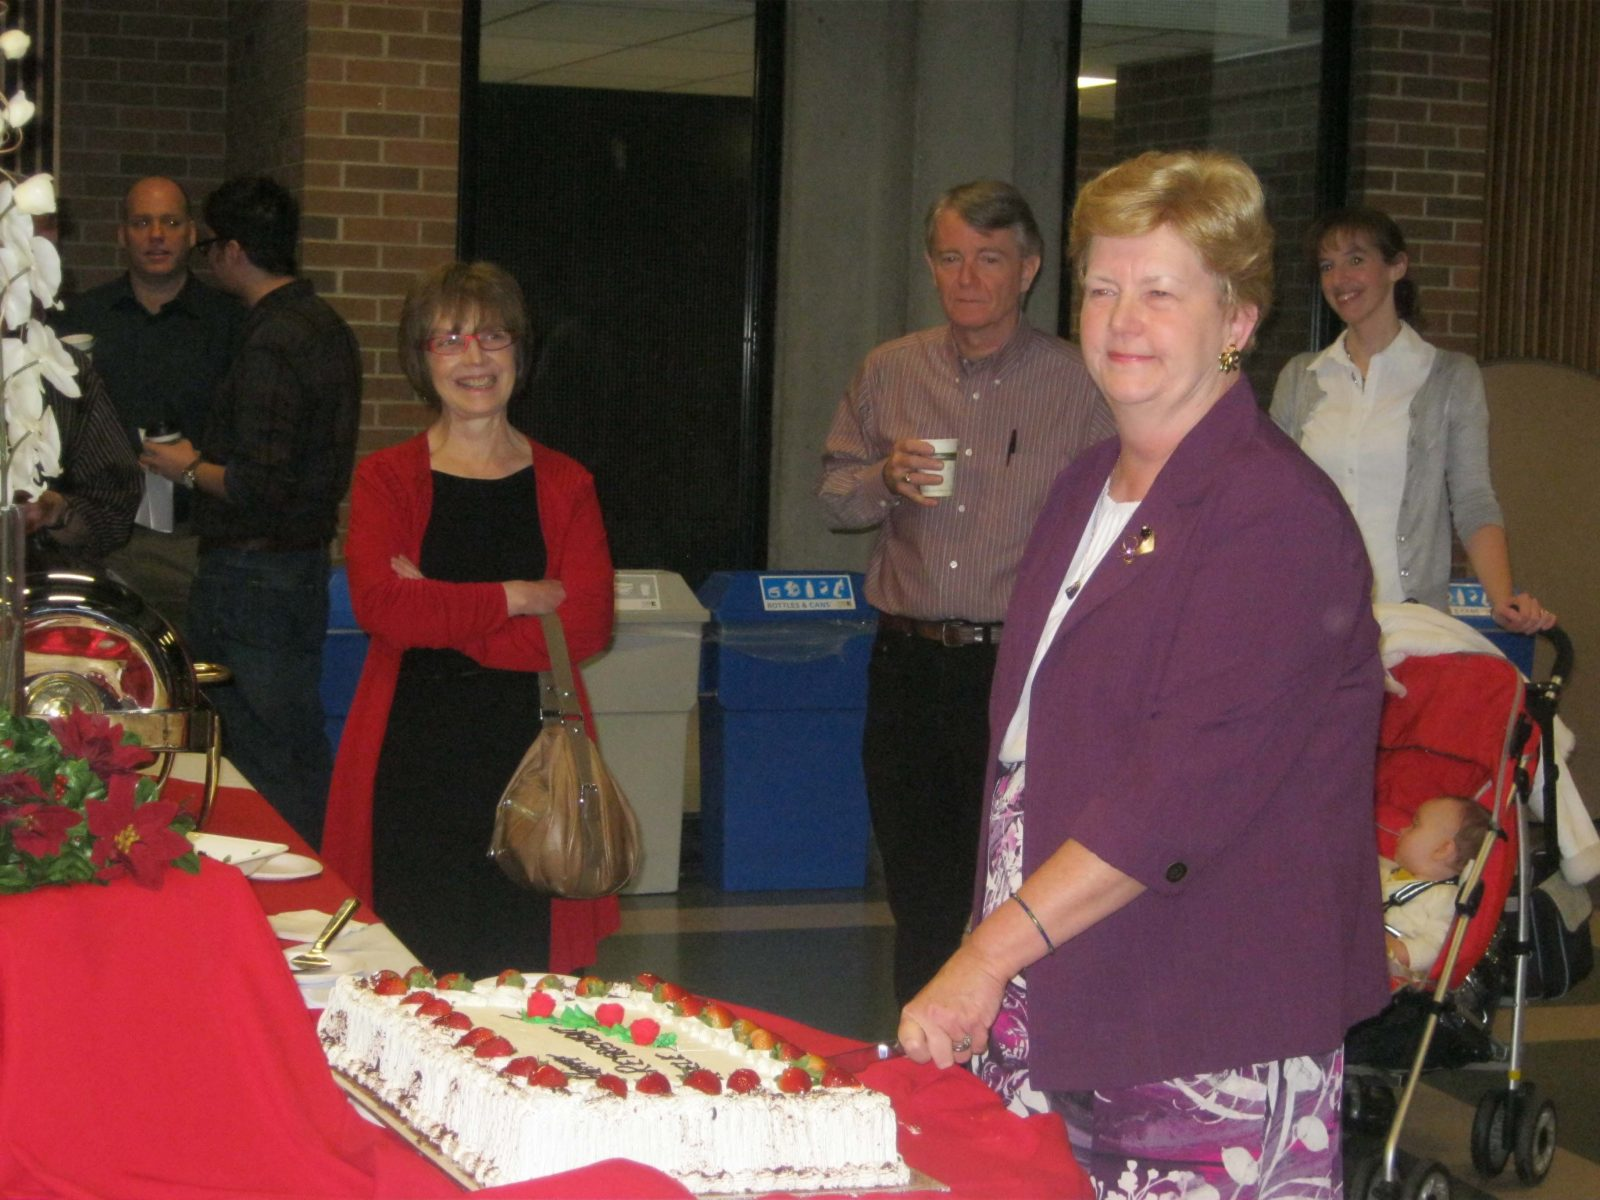 Adele Minoli, employee of York University for 47 years